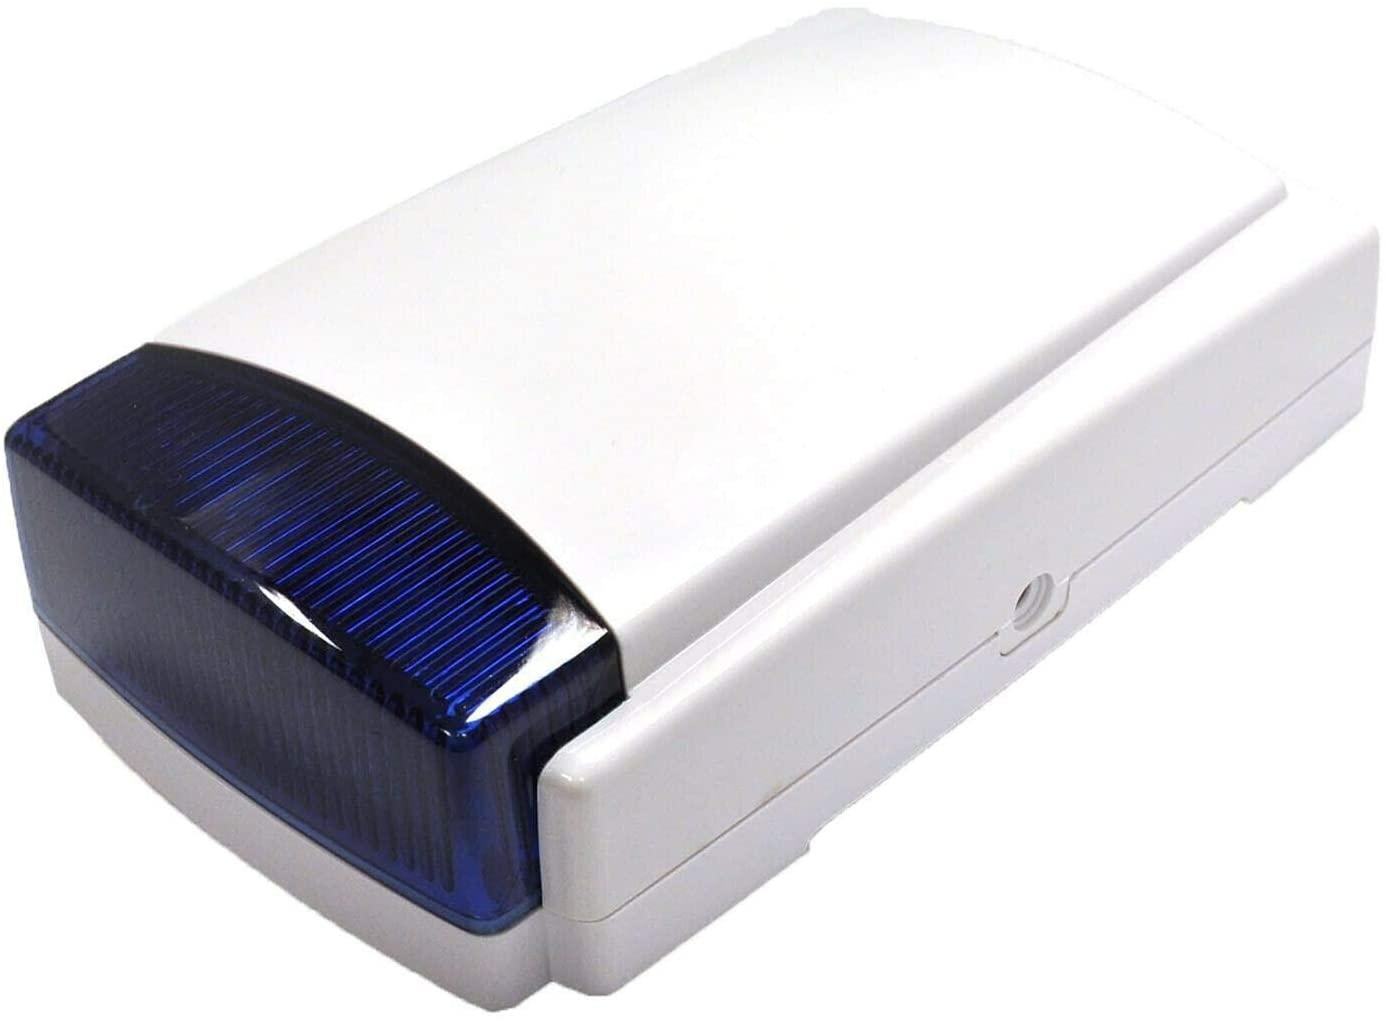 Dummy Alarm Box Blue or White Strobe Flashing LEDs with Blue Lens Long Lasting